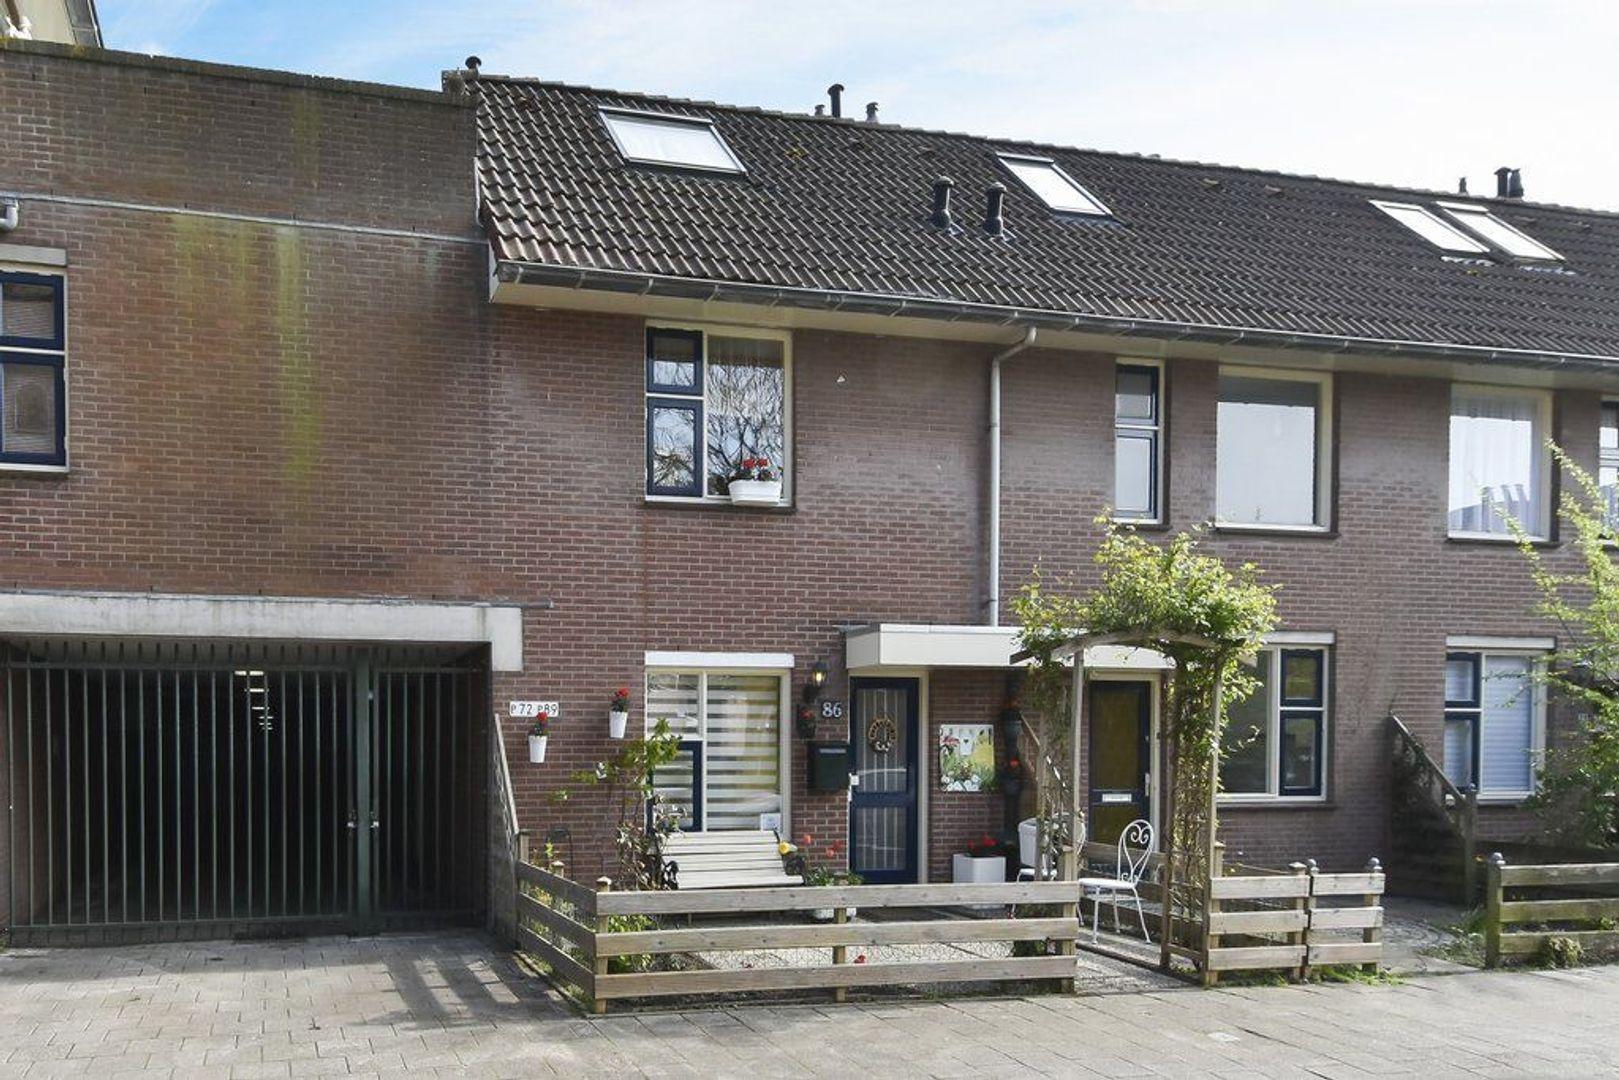 Hector Berliozstraat 86, Den Haag foto-1 blur